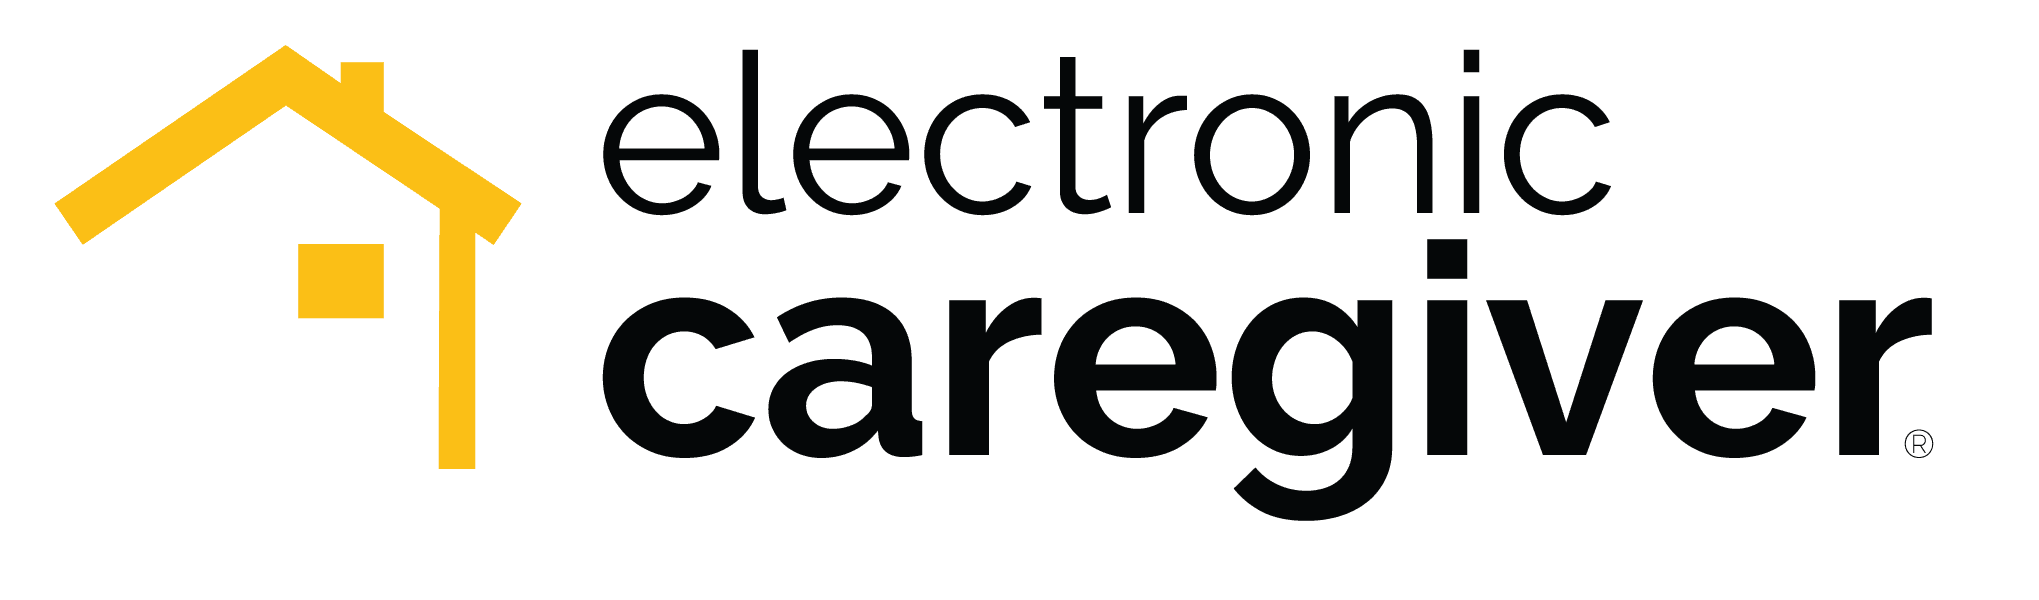 Electronic Caregiver Logo